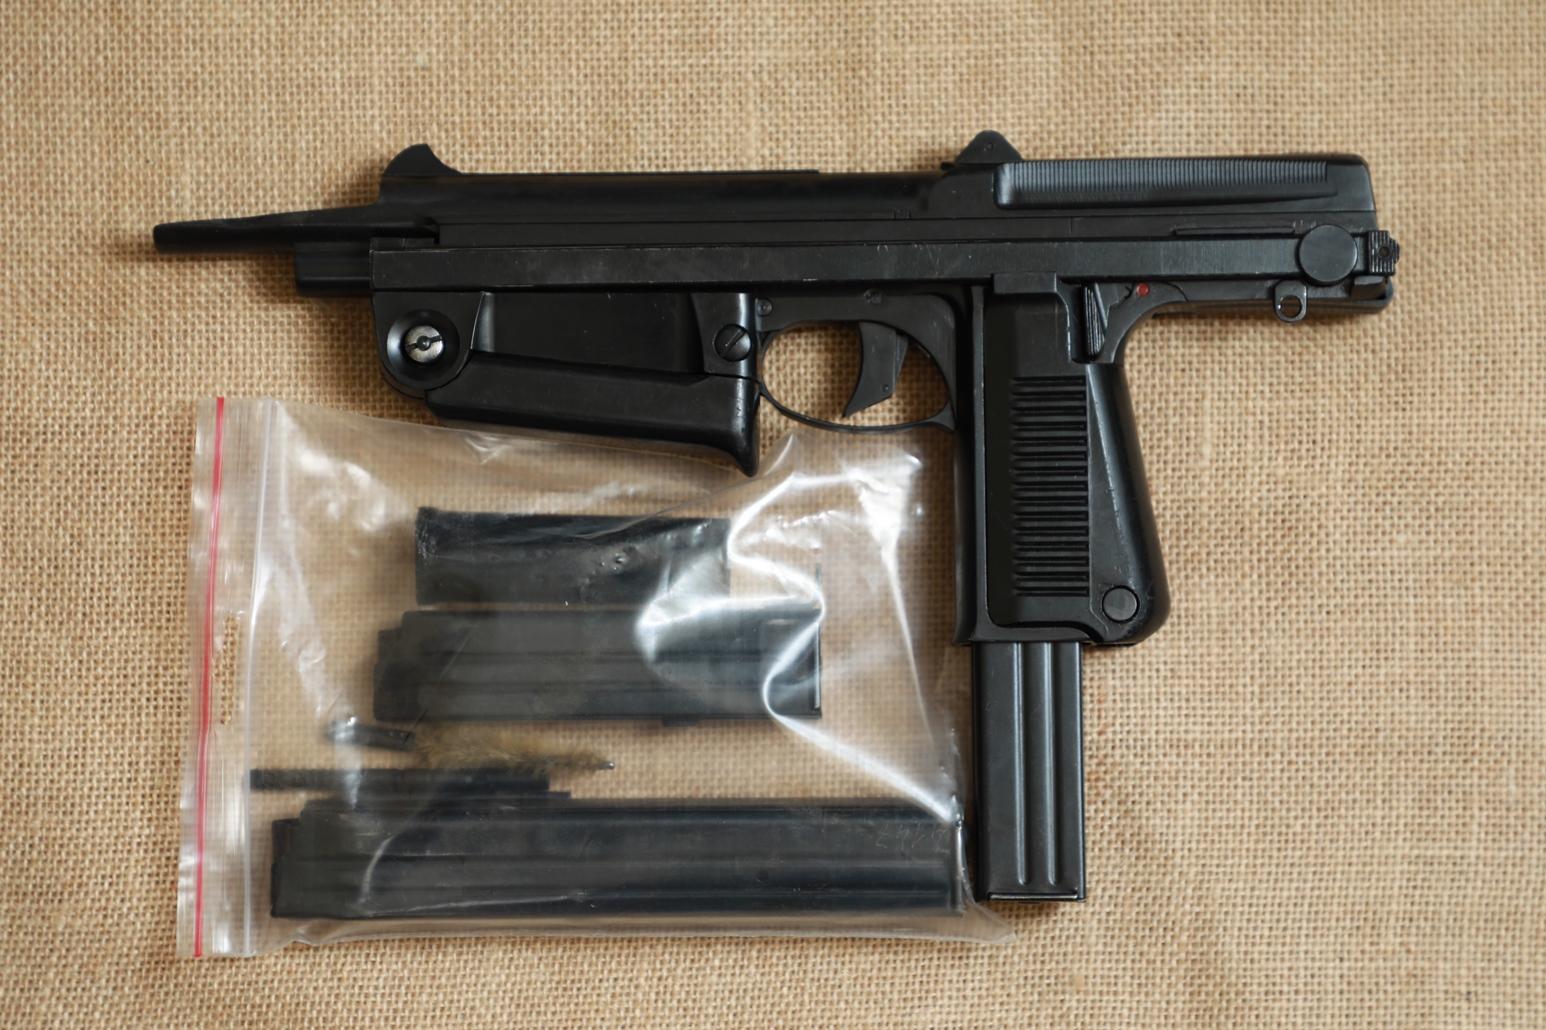 Фото Охолощенный пистолет-пулемет RAK-63 #AM 12541 1969 год, 1 категория